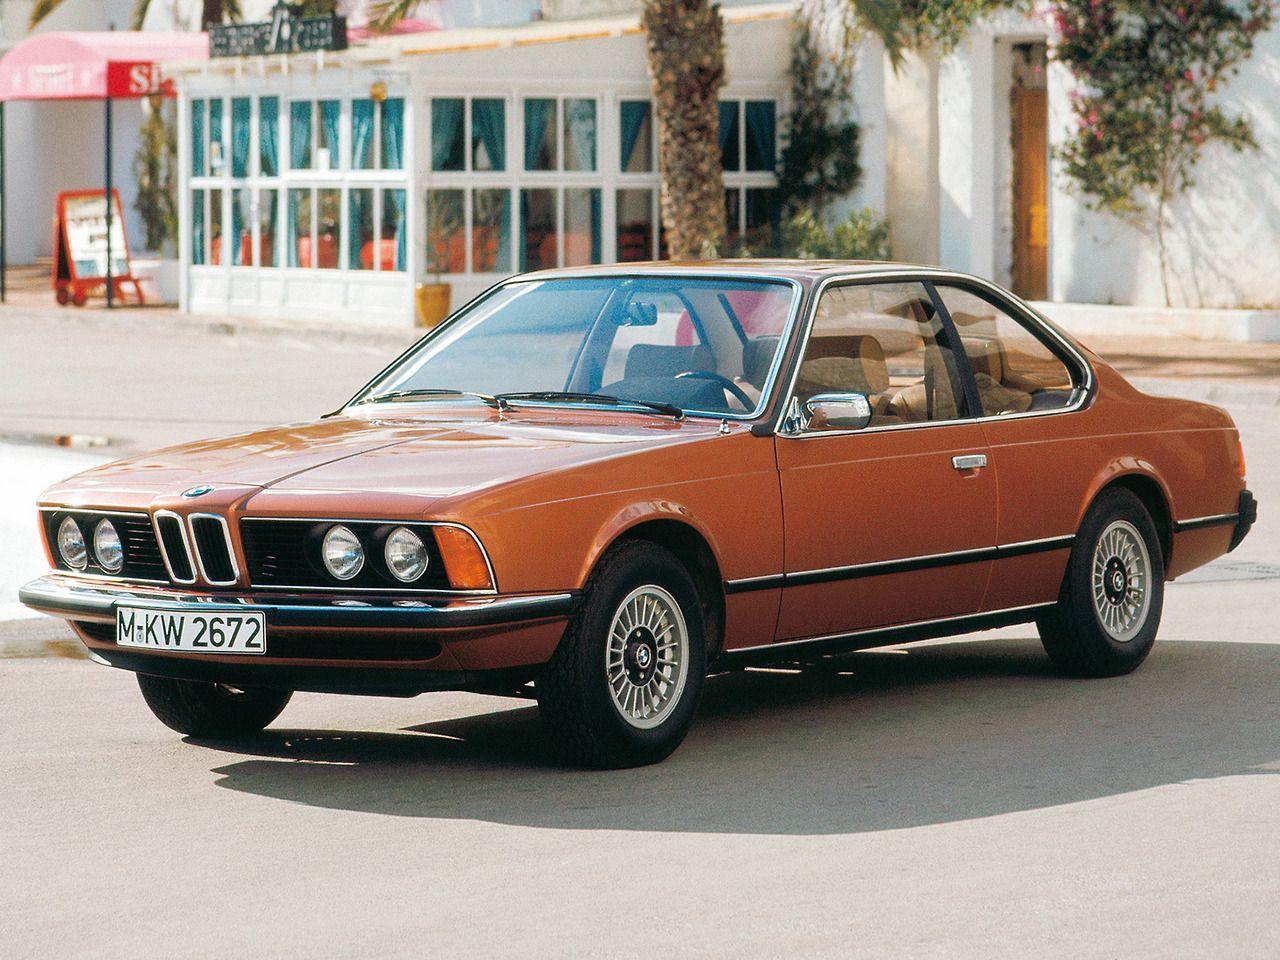 Bmw 6 Series E24 Bmw 6 Series Bmw Bmw Classic Cars